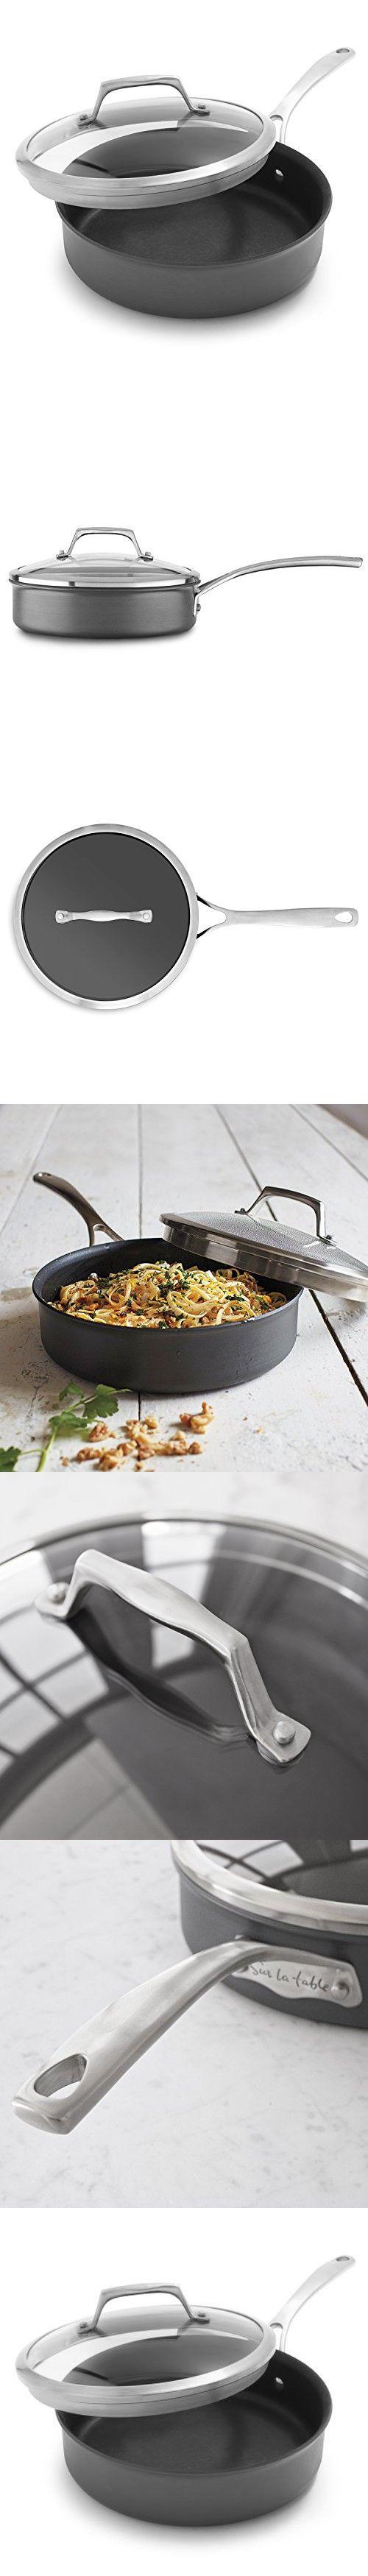 Sur La Table Dishwasher-Safe Hard Anodized Nonstick Saute Pan 84380-C, 3 qt.